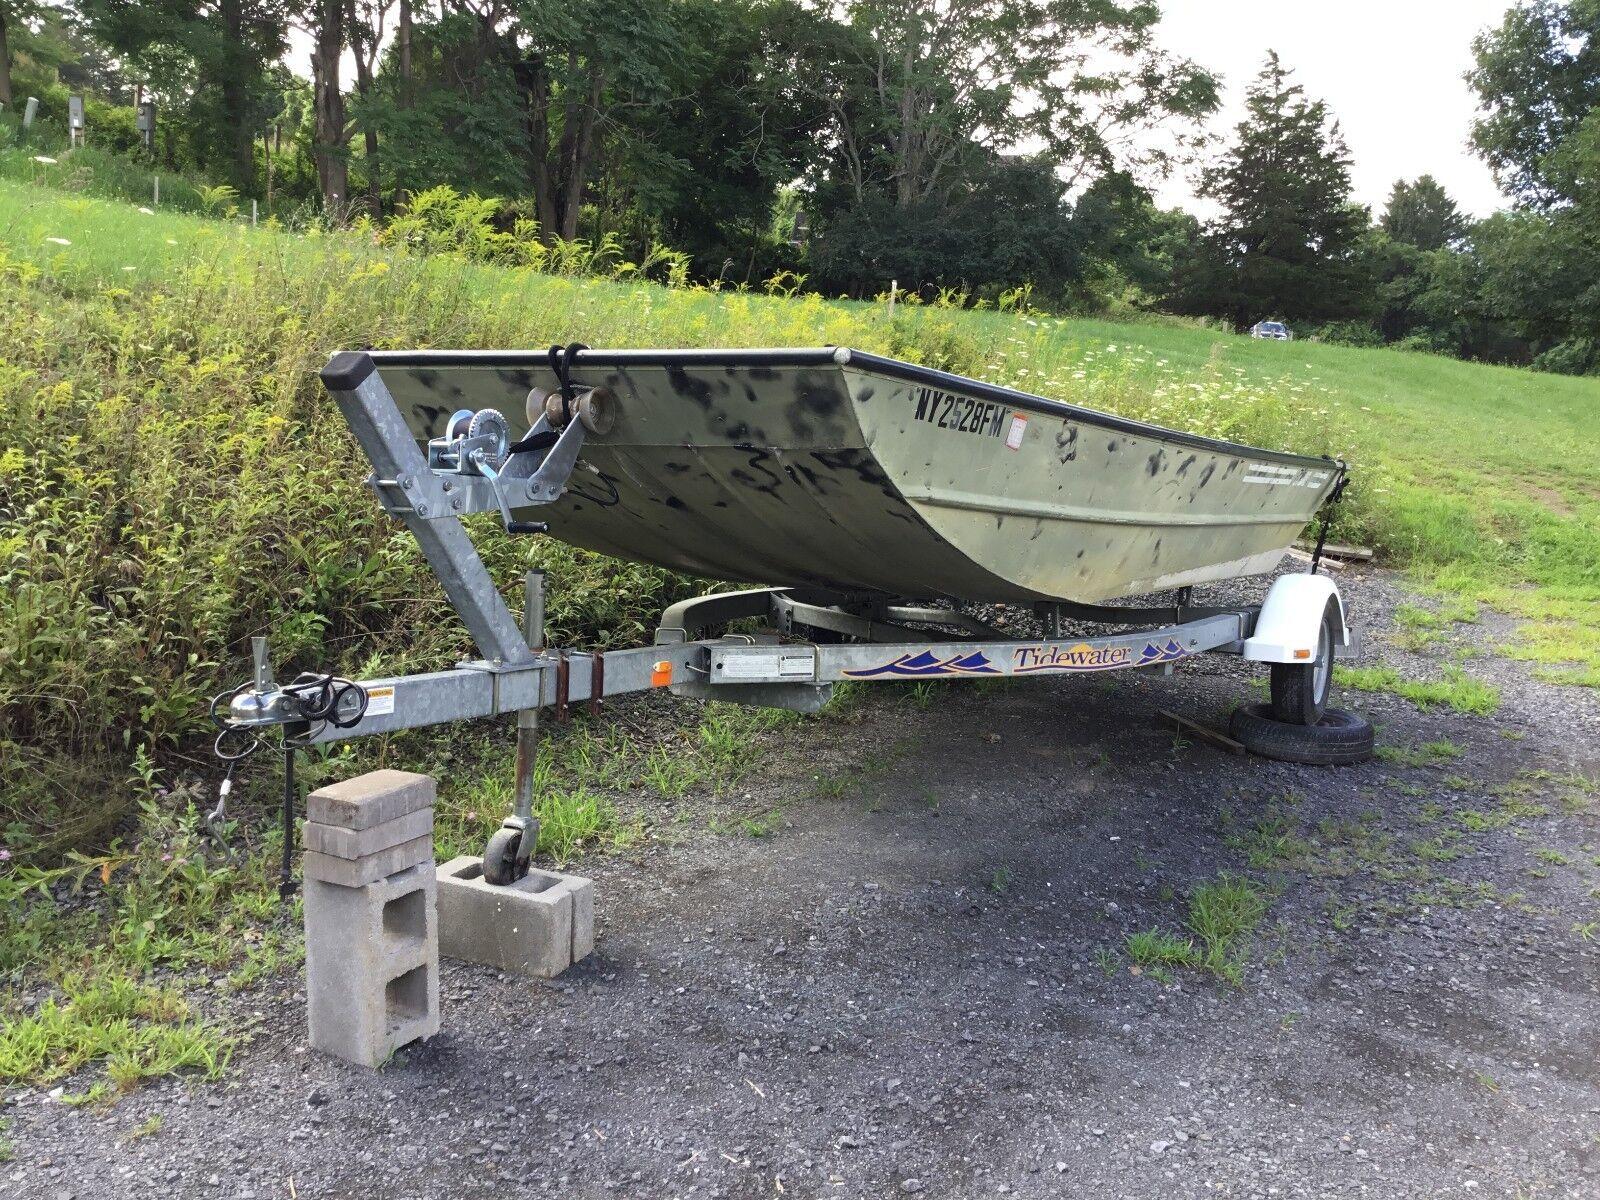 """1983 Husky Jon Fishing or Duck Boat by """"Lowe"""" 16' includes """"Tidewater"""" trailer"""